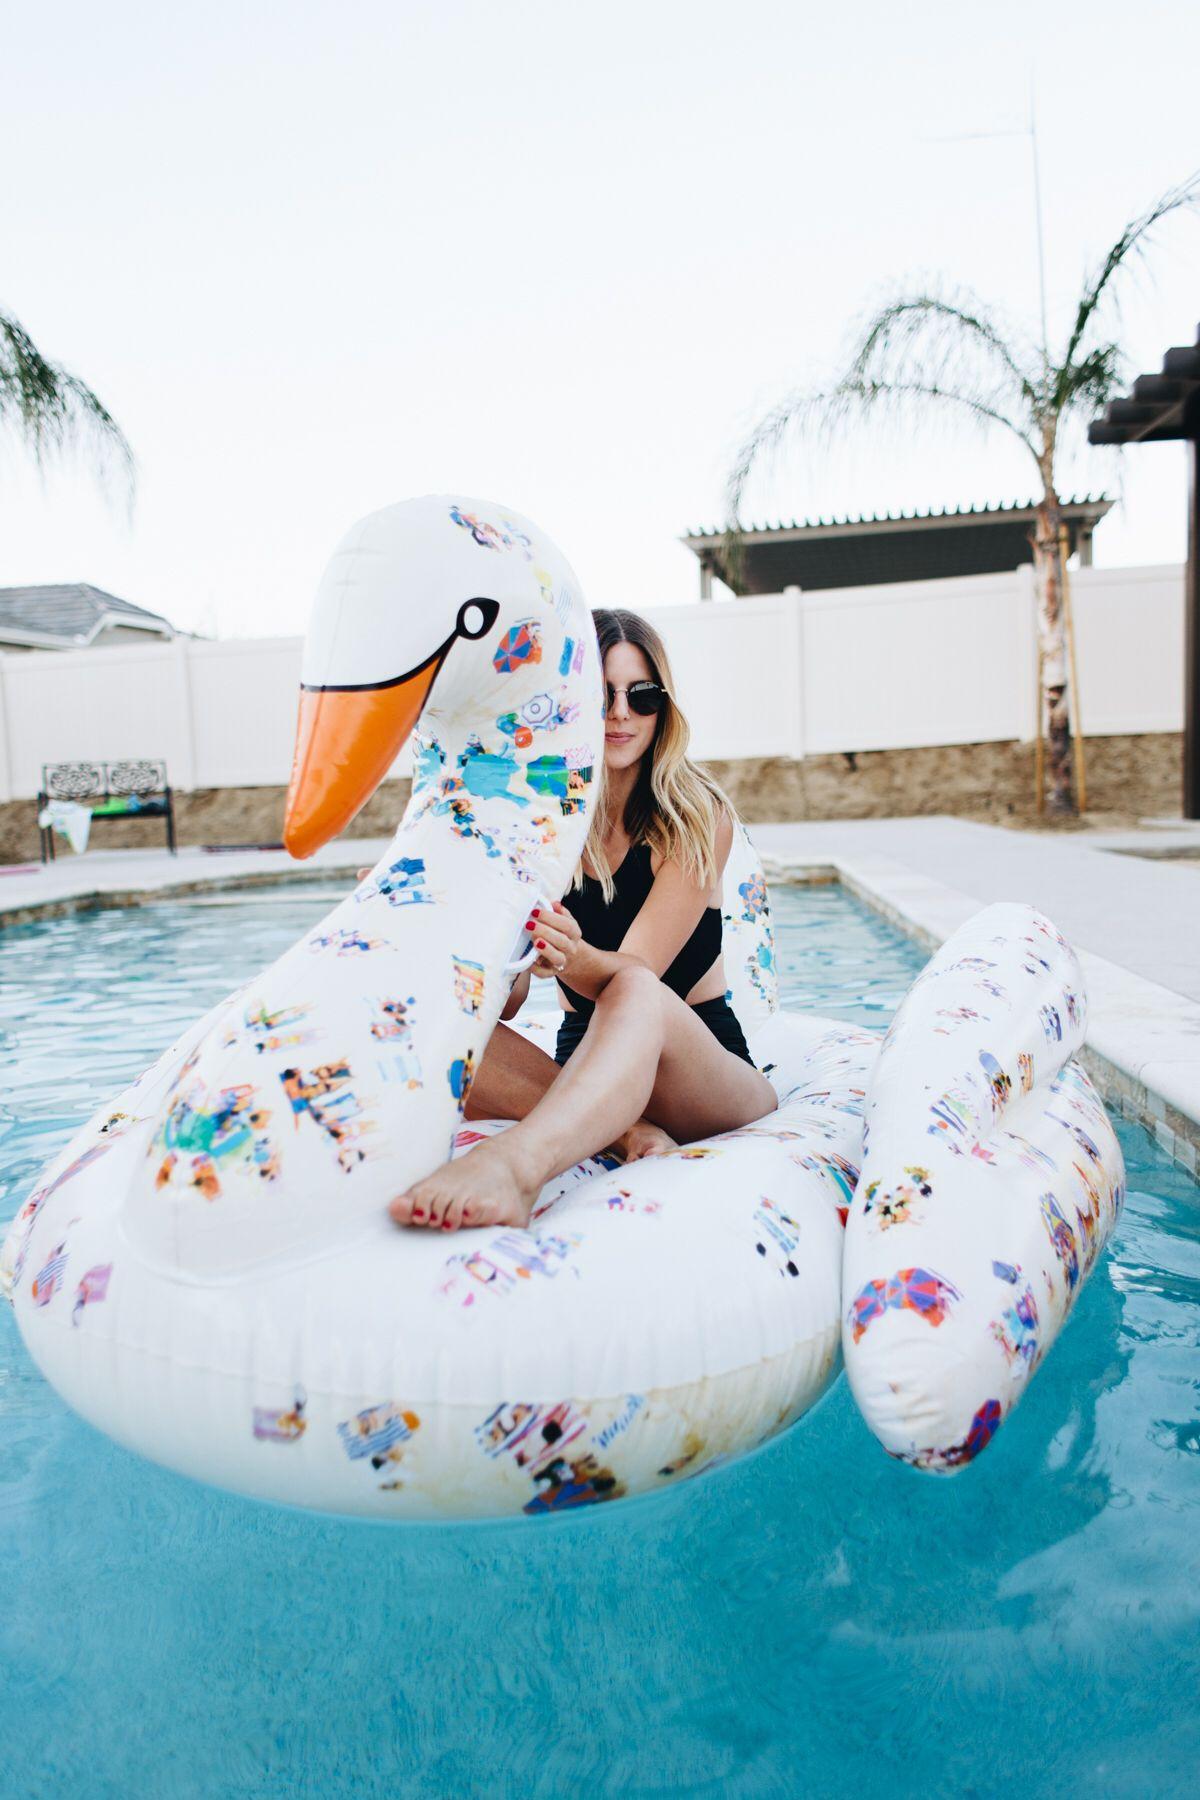 Piscina Swan Pool FloatInspiración Instagram Flotadores RjL354A